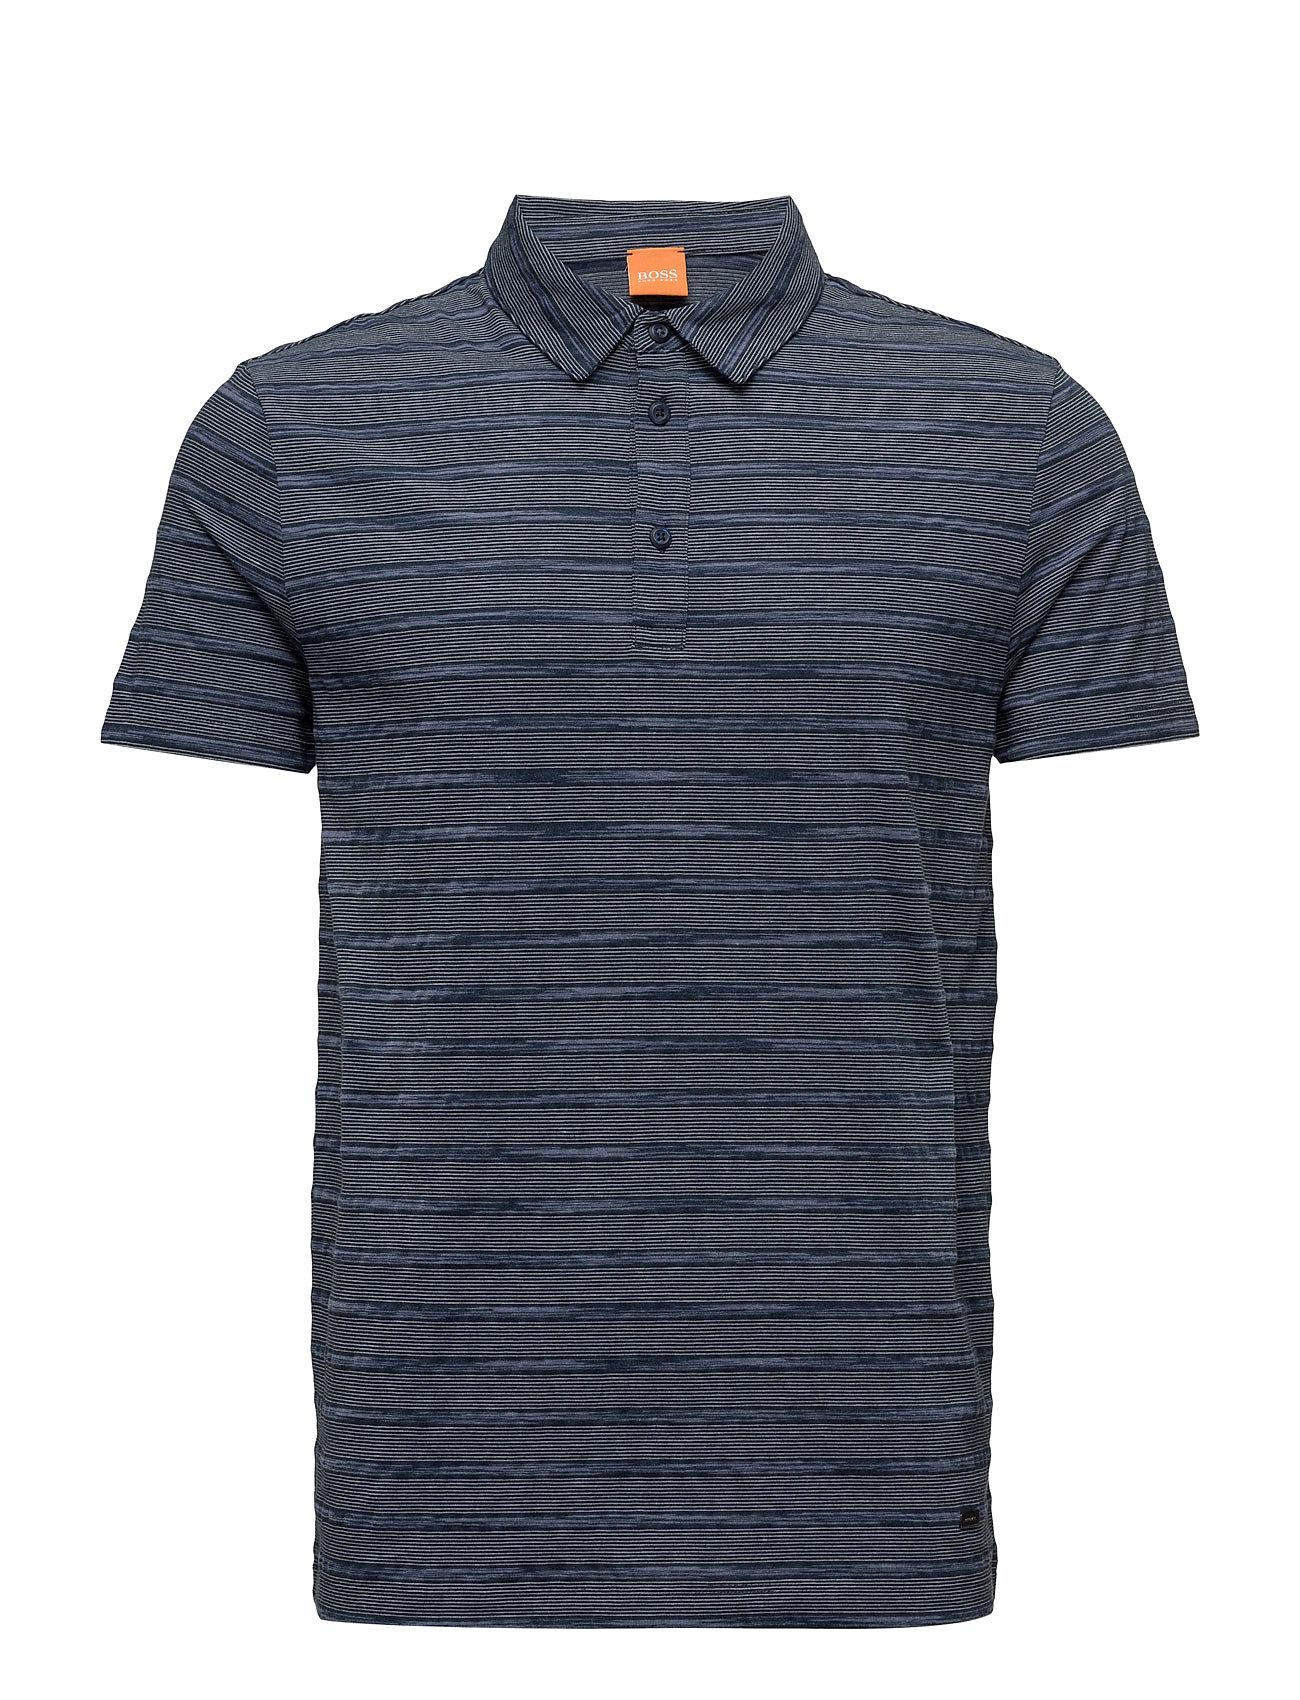 4e3003556bba Køb Playmate BOSS Orange Kortærmede polo t-shirts i Mørkeblå til Herrer på  Boozt.dk